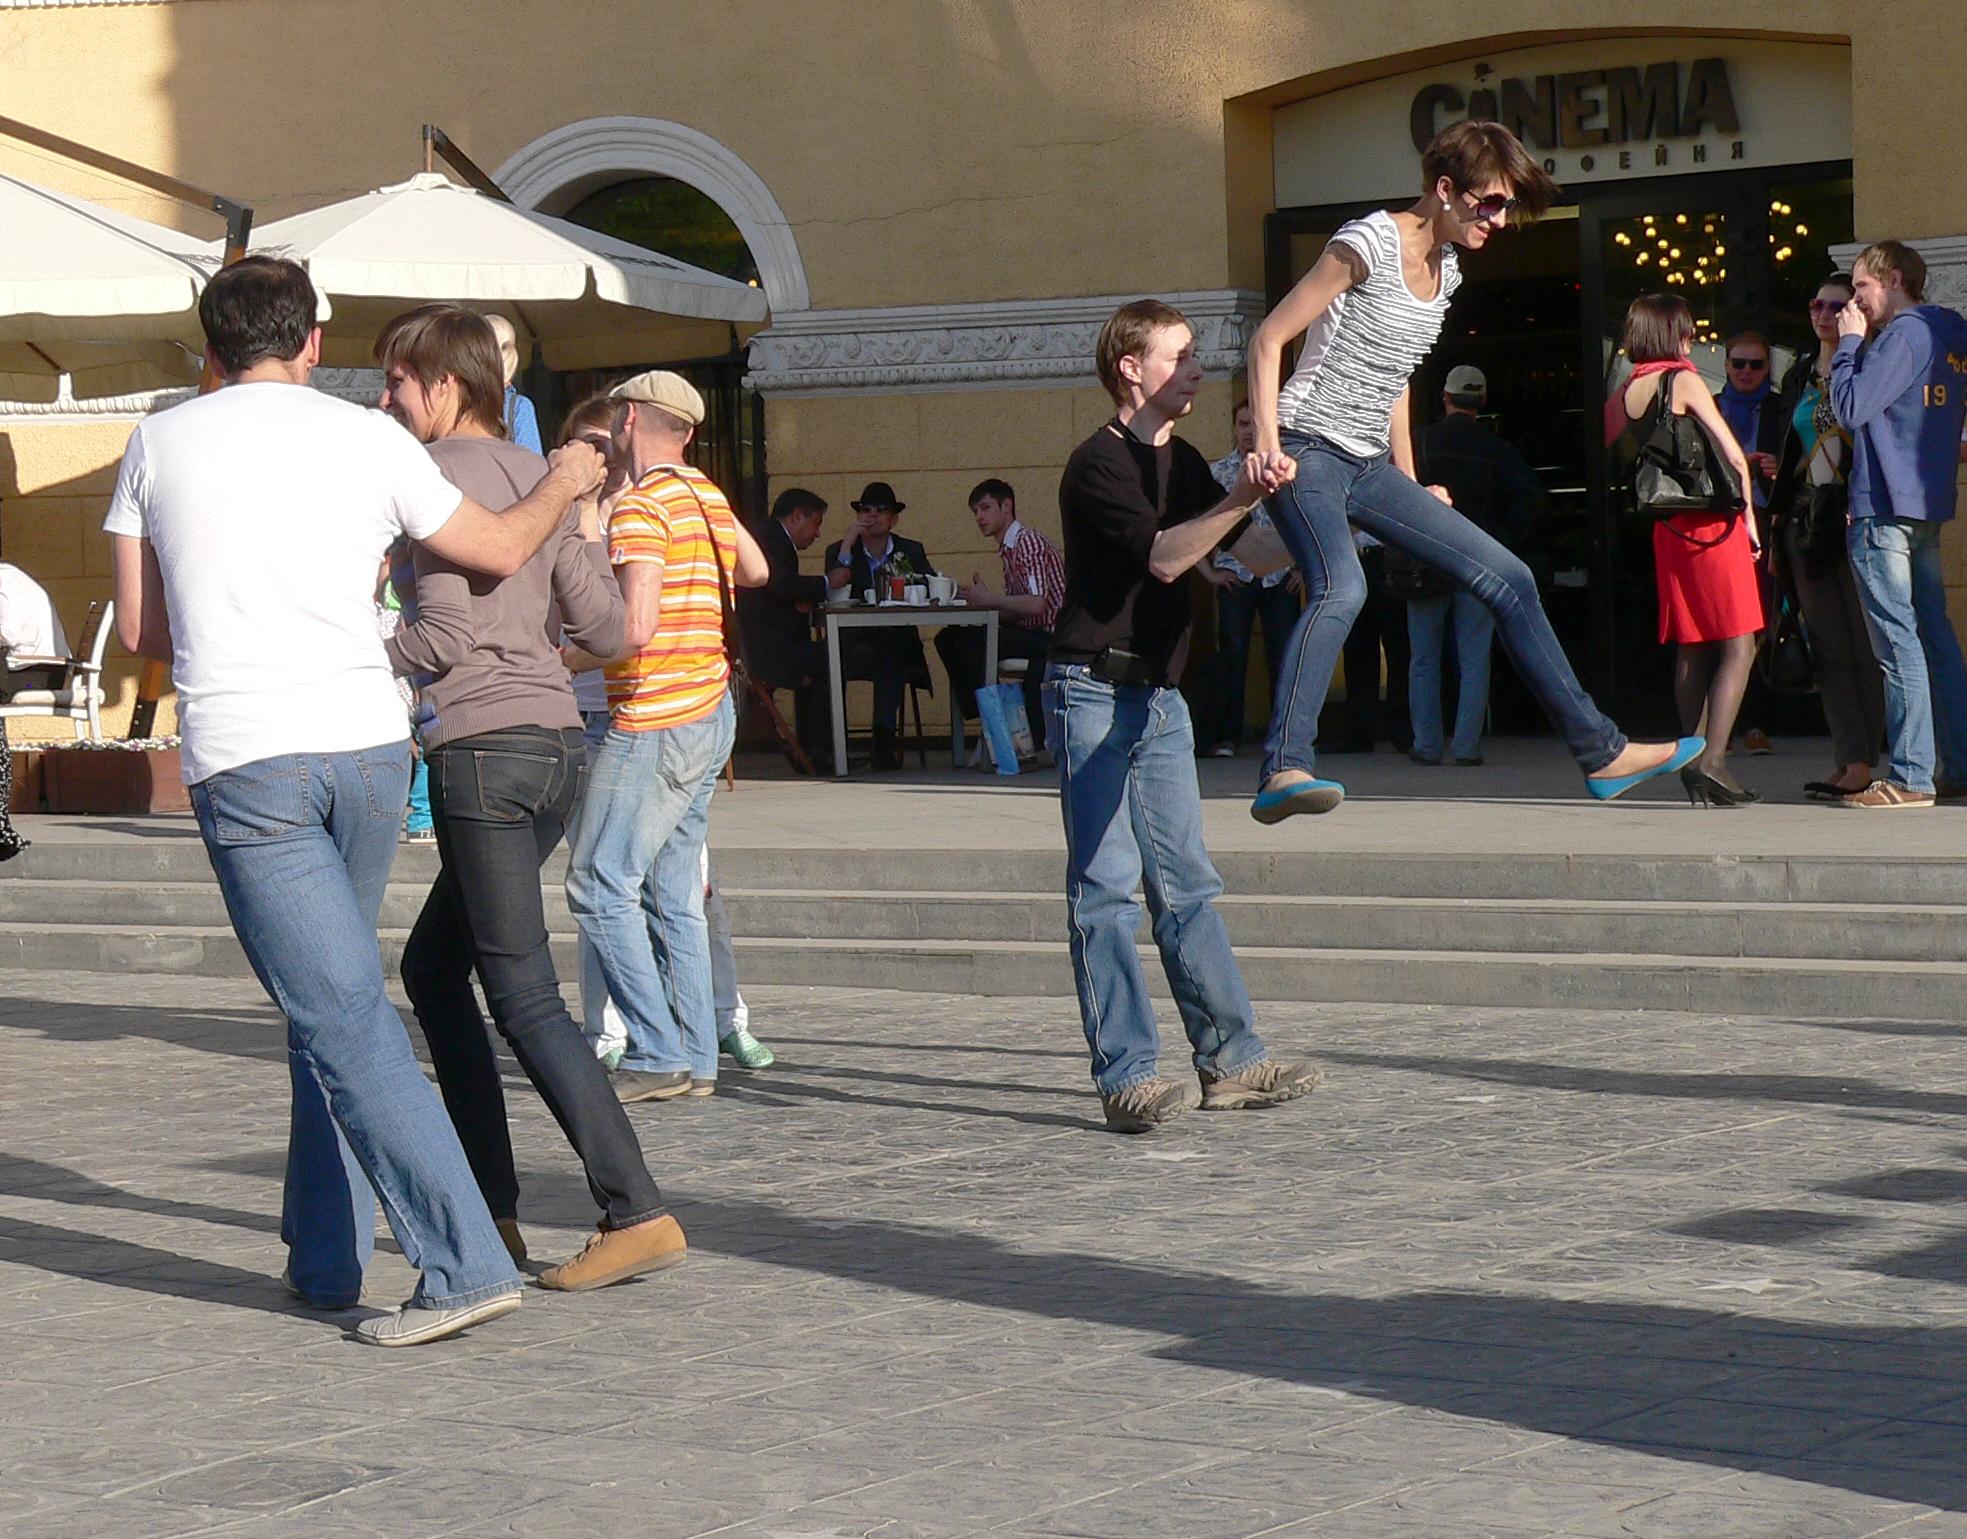 Фотография-джазового-фестиваля-Новосибирск-танцы